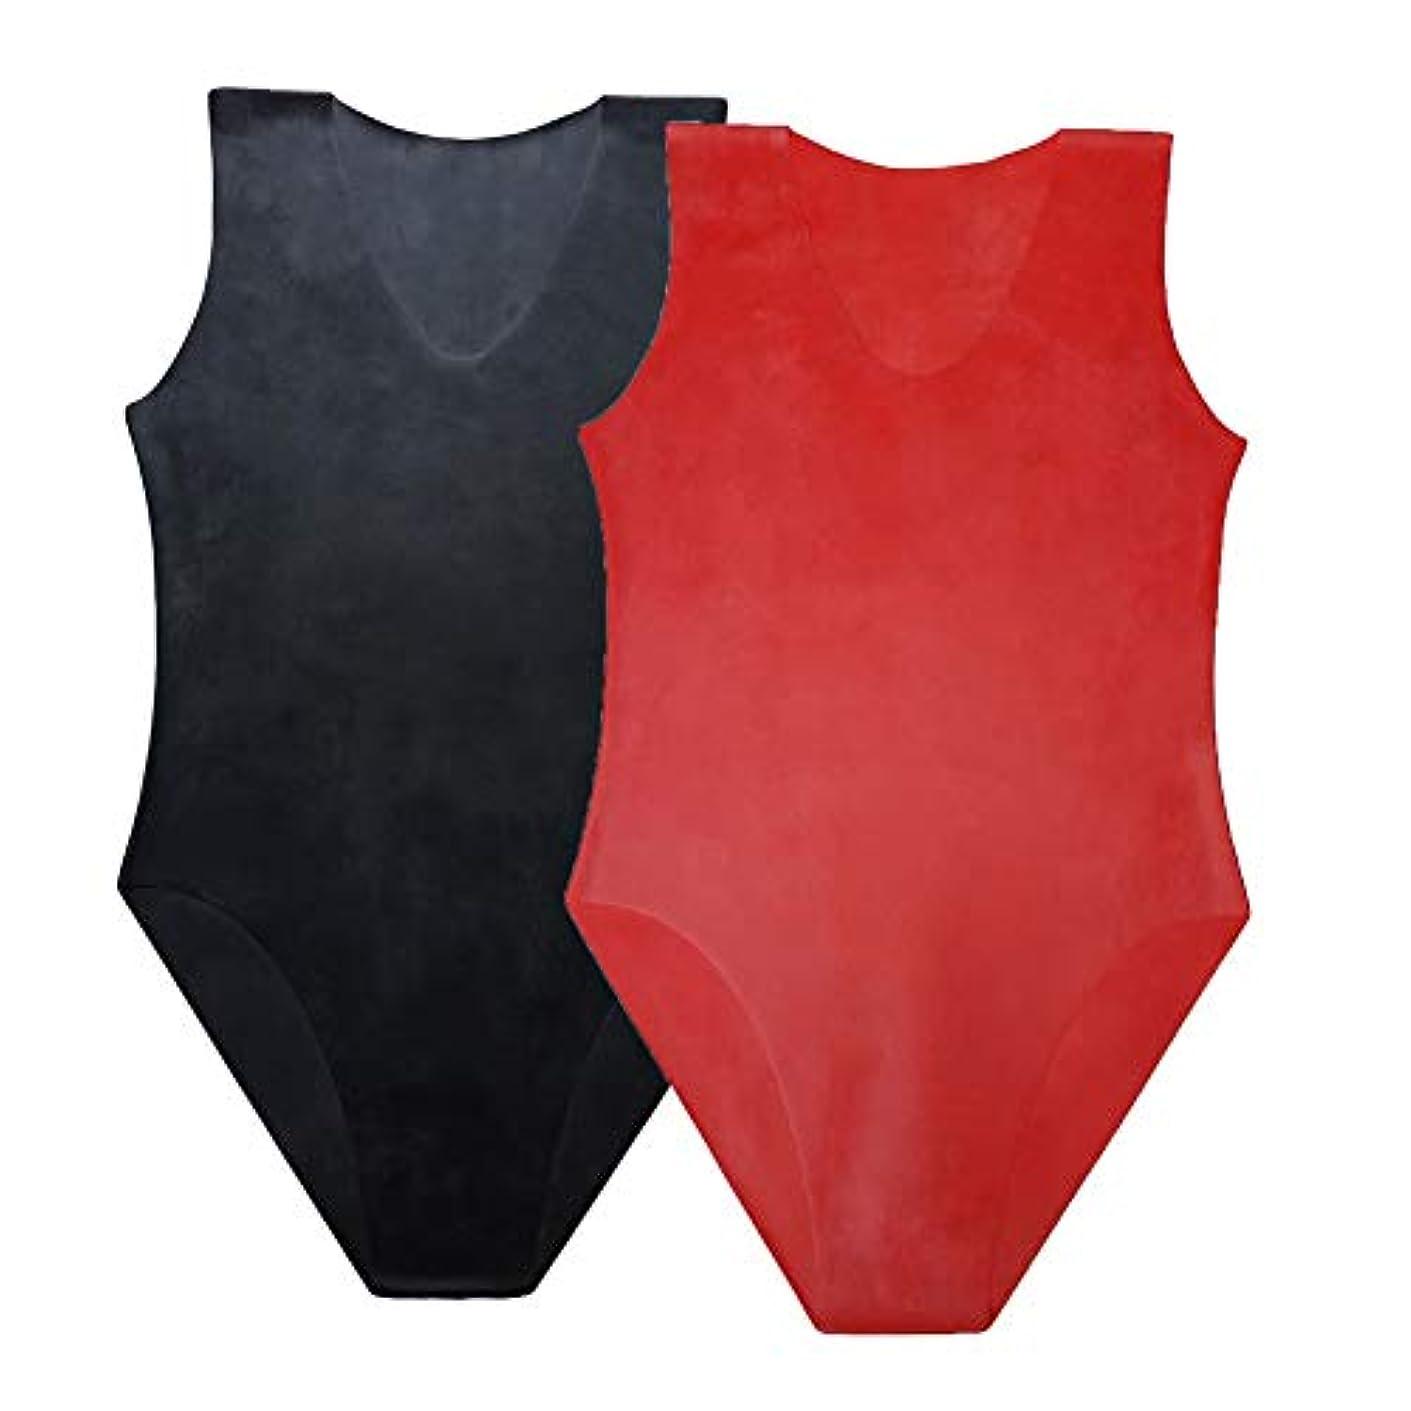 拍車ラボ簡略化するEXLATEX ラテックス ボディスーツ 女性水着 ラテックス ラバー グミ レオタード ブラック ラテックス キャットスーツ